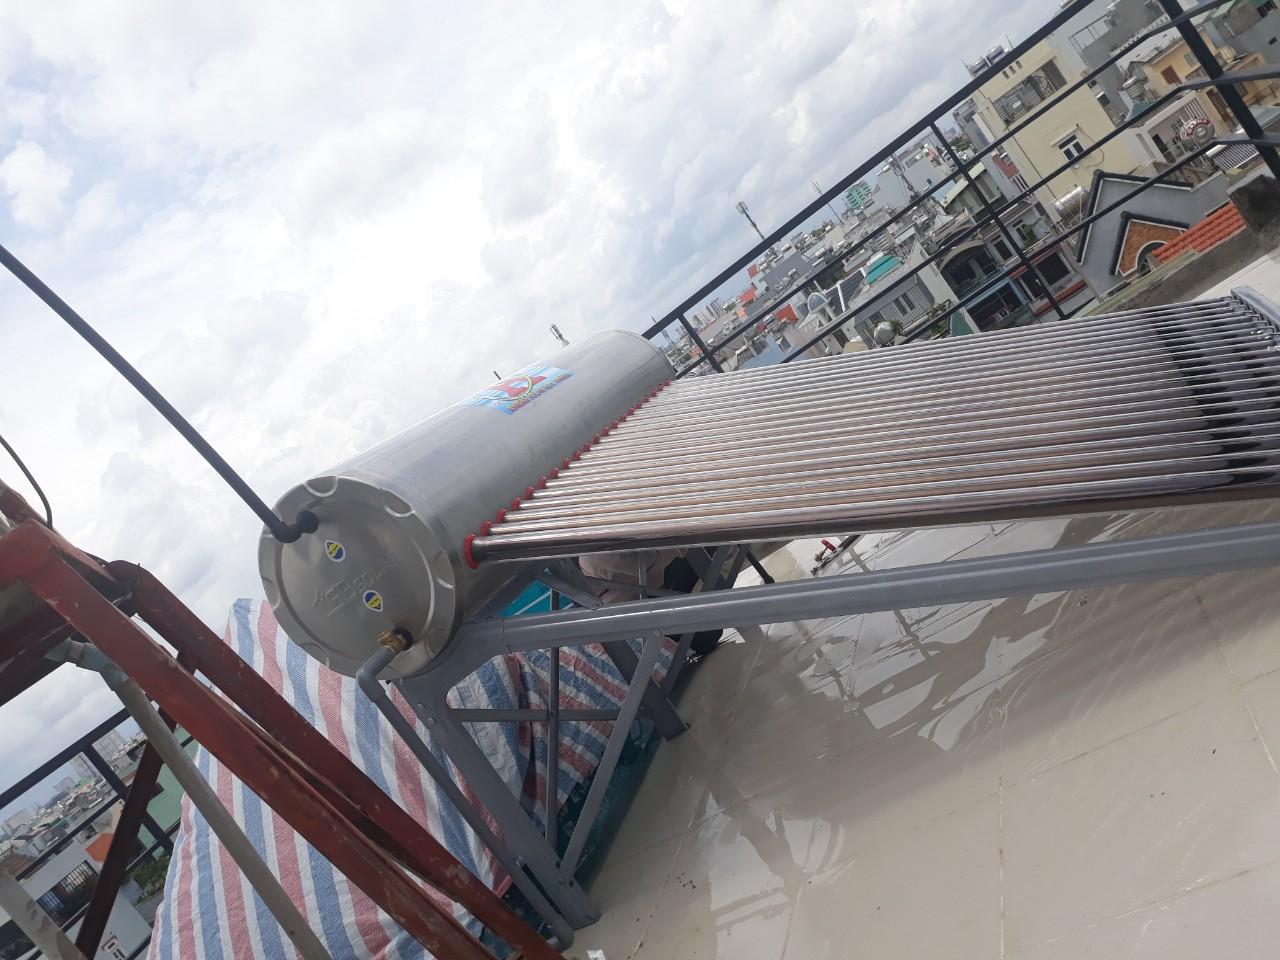 sua may nang luong quan 6 - Sửa chữa máy năng lượng mặt trời quận 6 tphcm